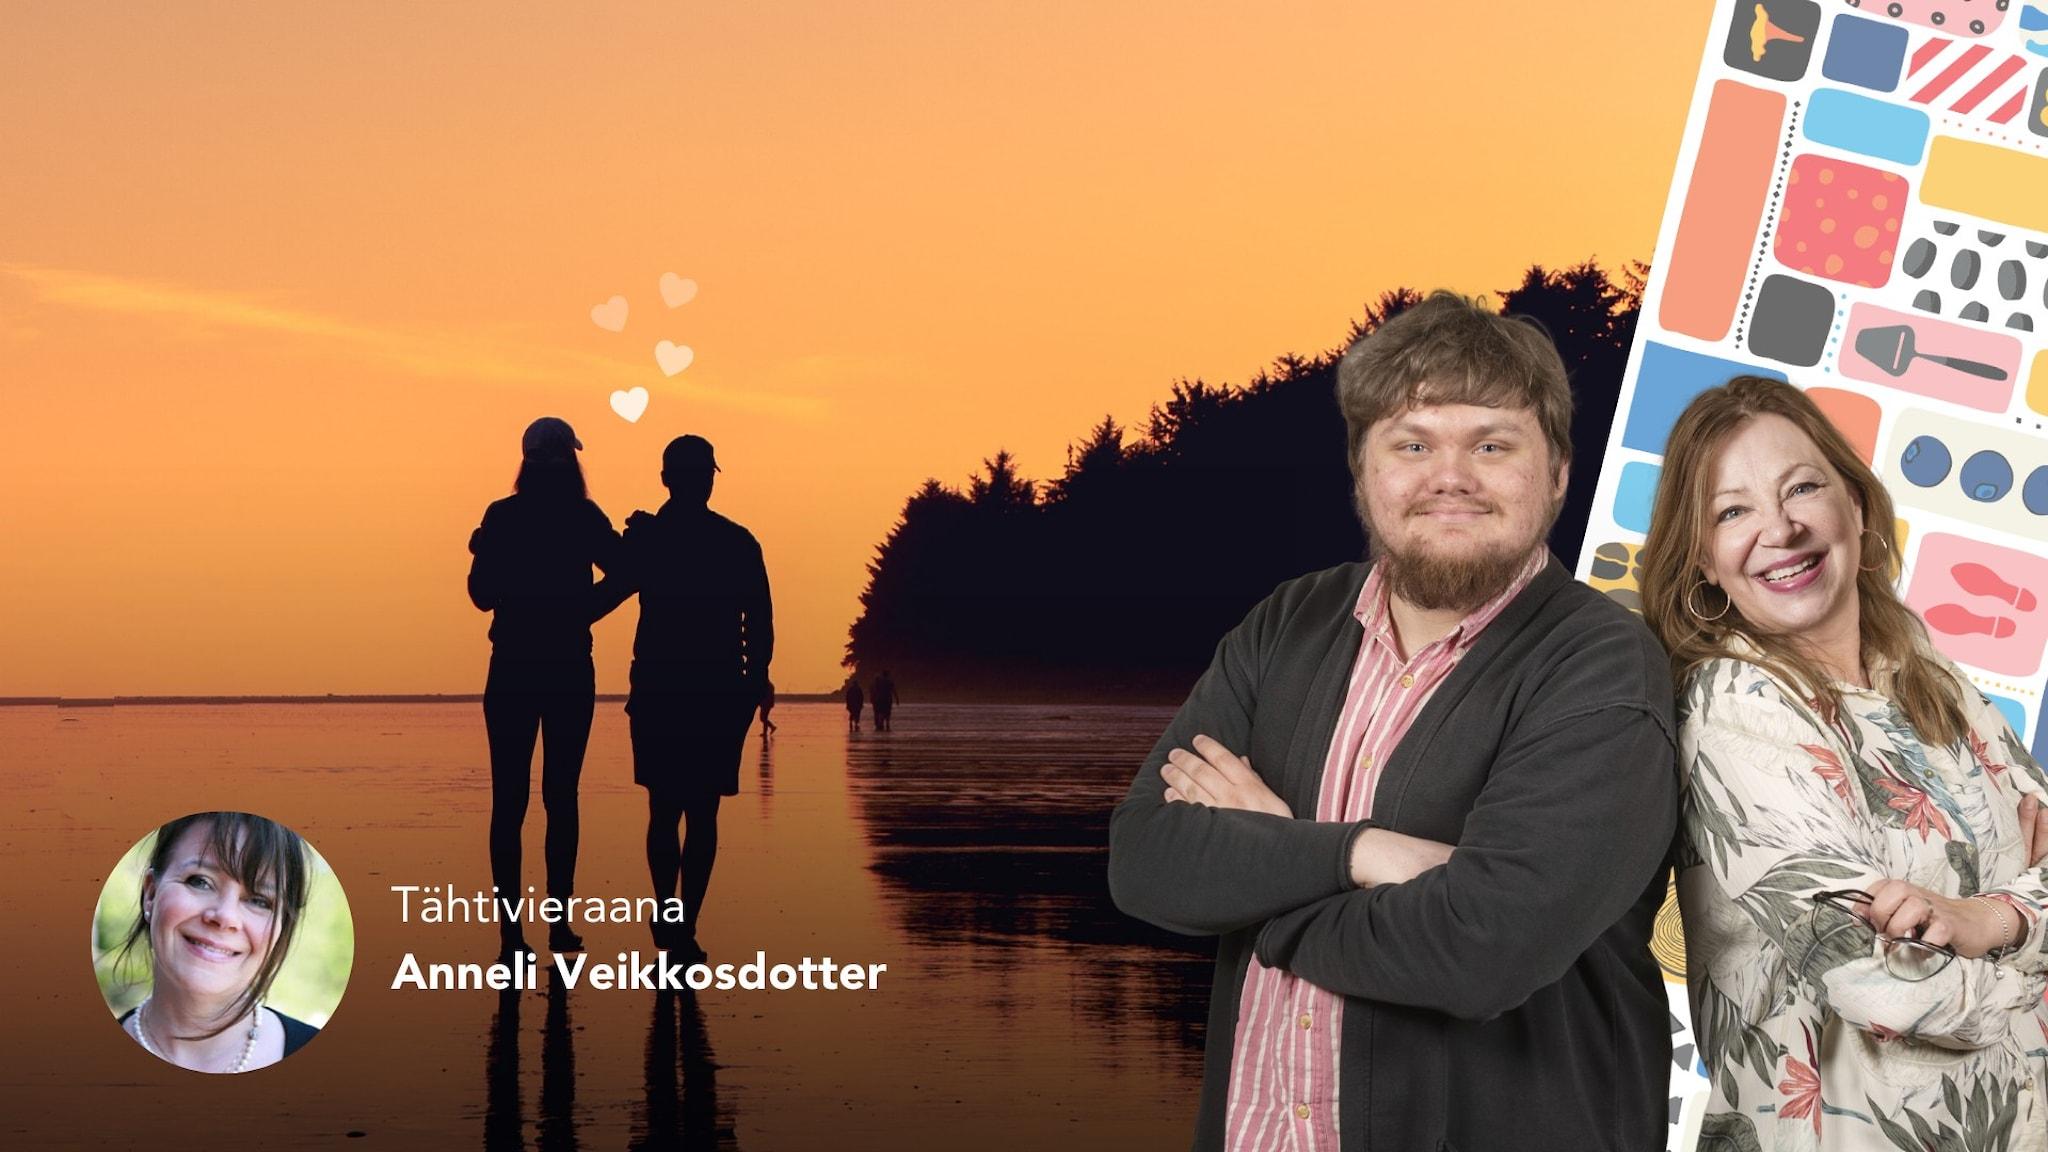 Ett kollage. Foto av två personer som går på en strand, och programledarna till höger framför en färgglad bakgrundsdekor.